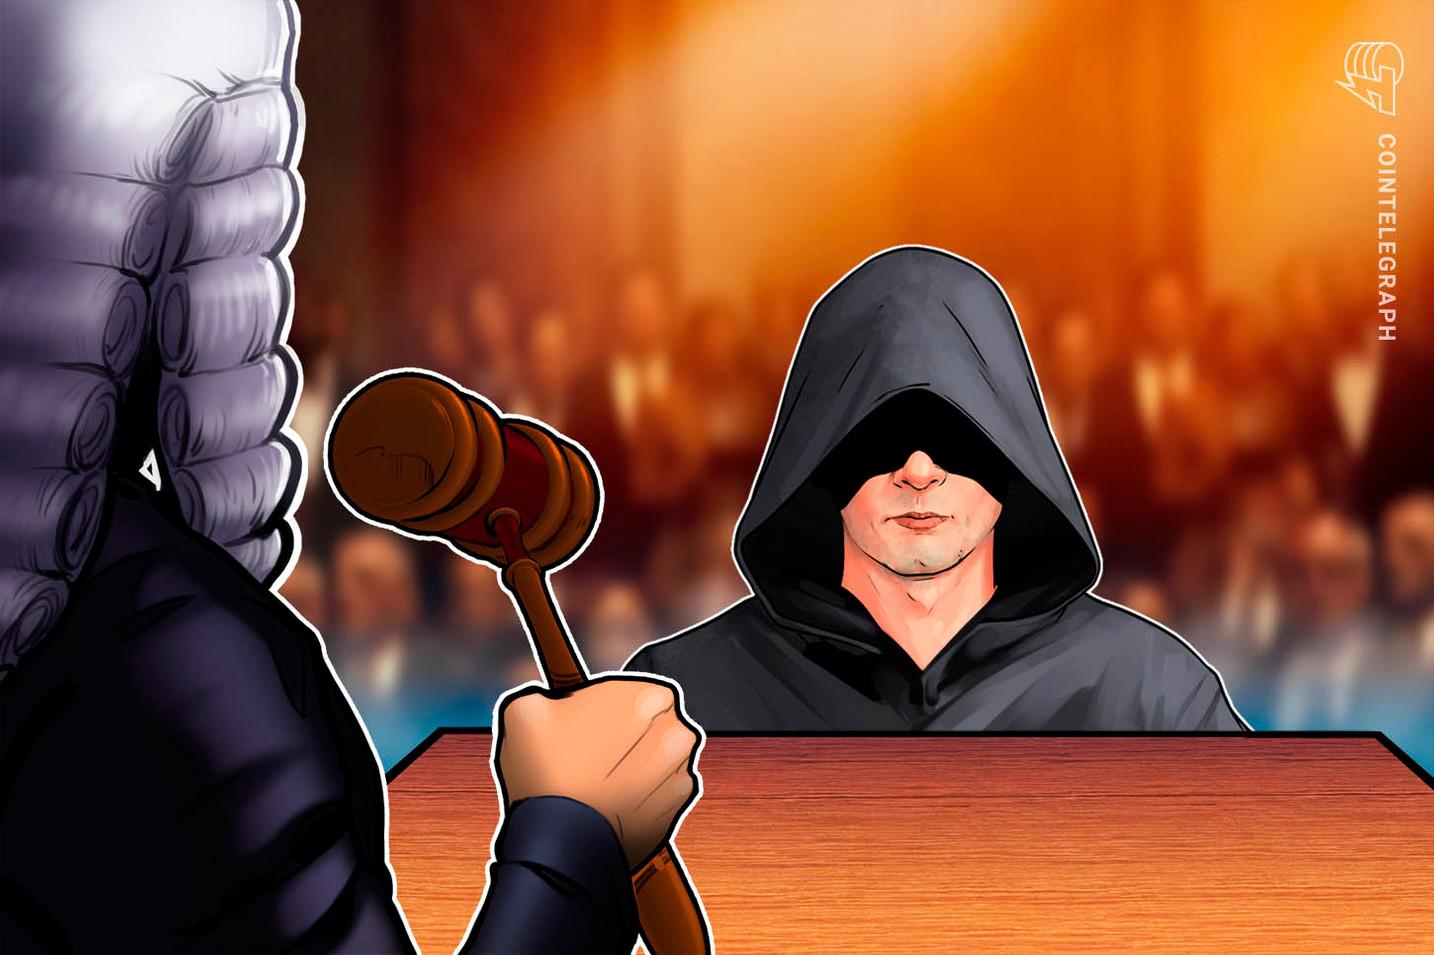 Bitmart richiede un'ordinanza restrittiva per impedire ad hacker di vendere finti BSV